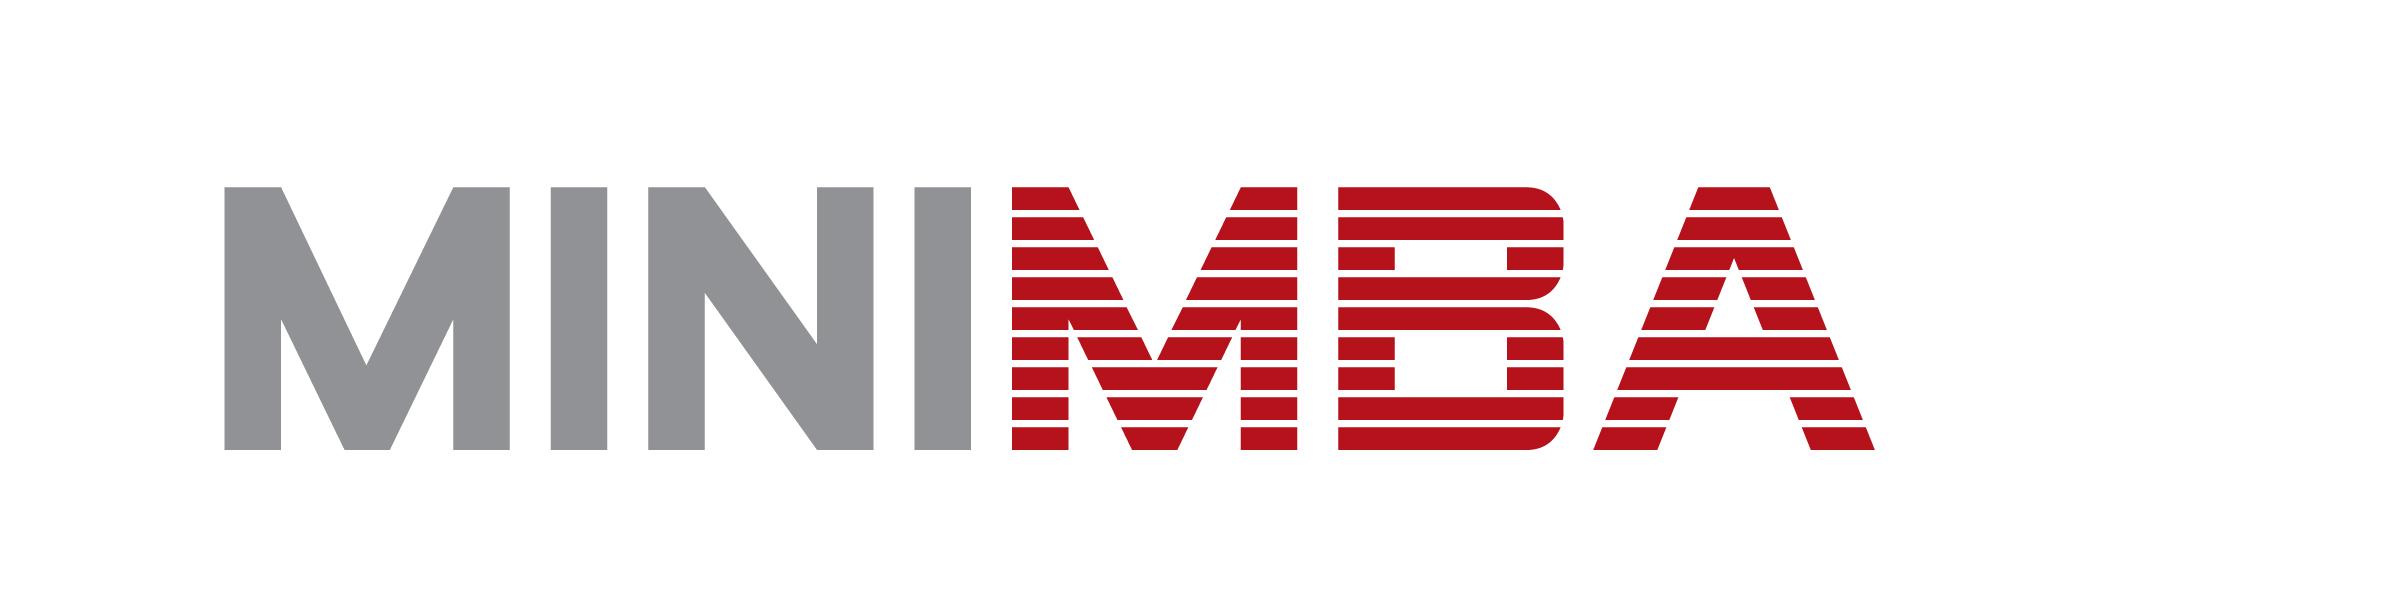 Мини MBA